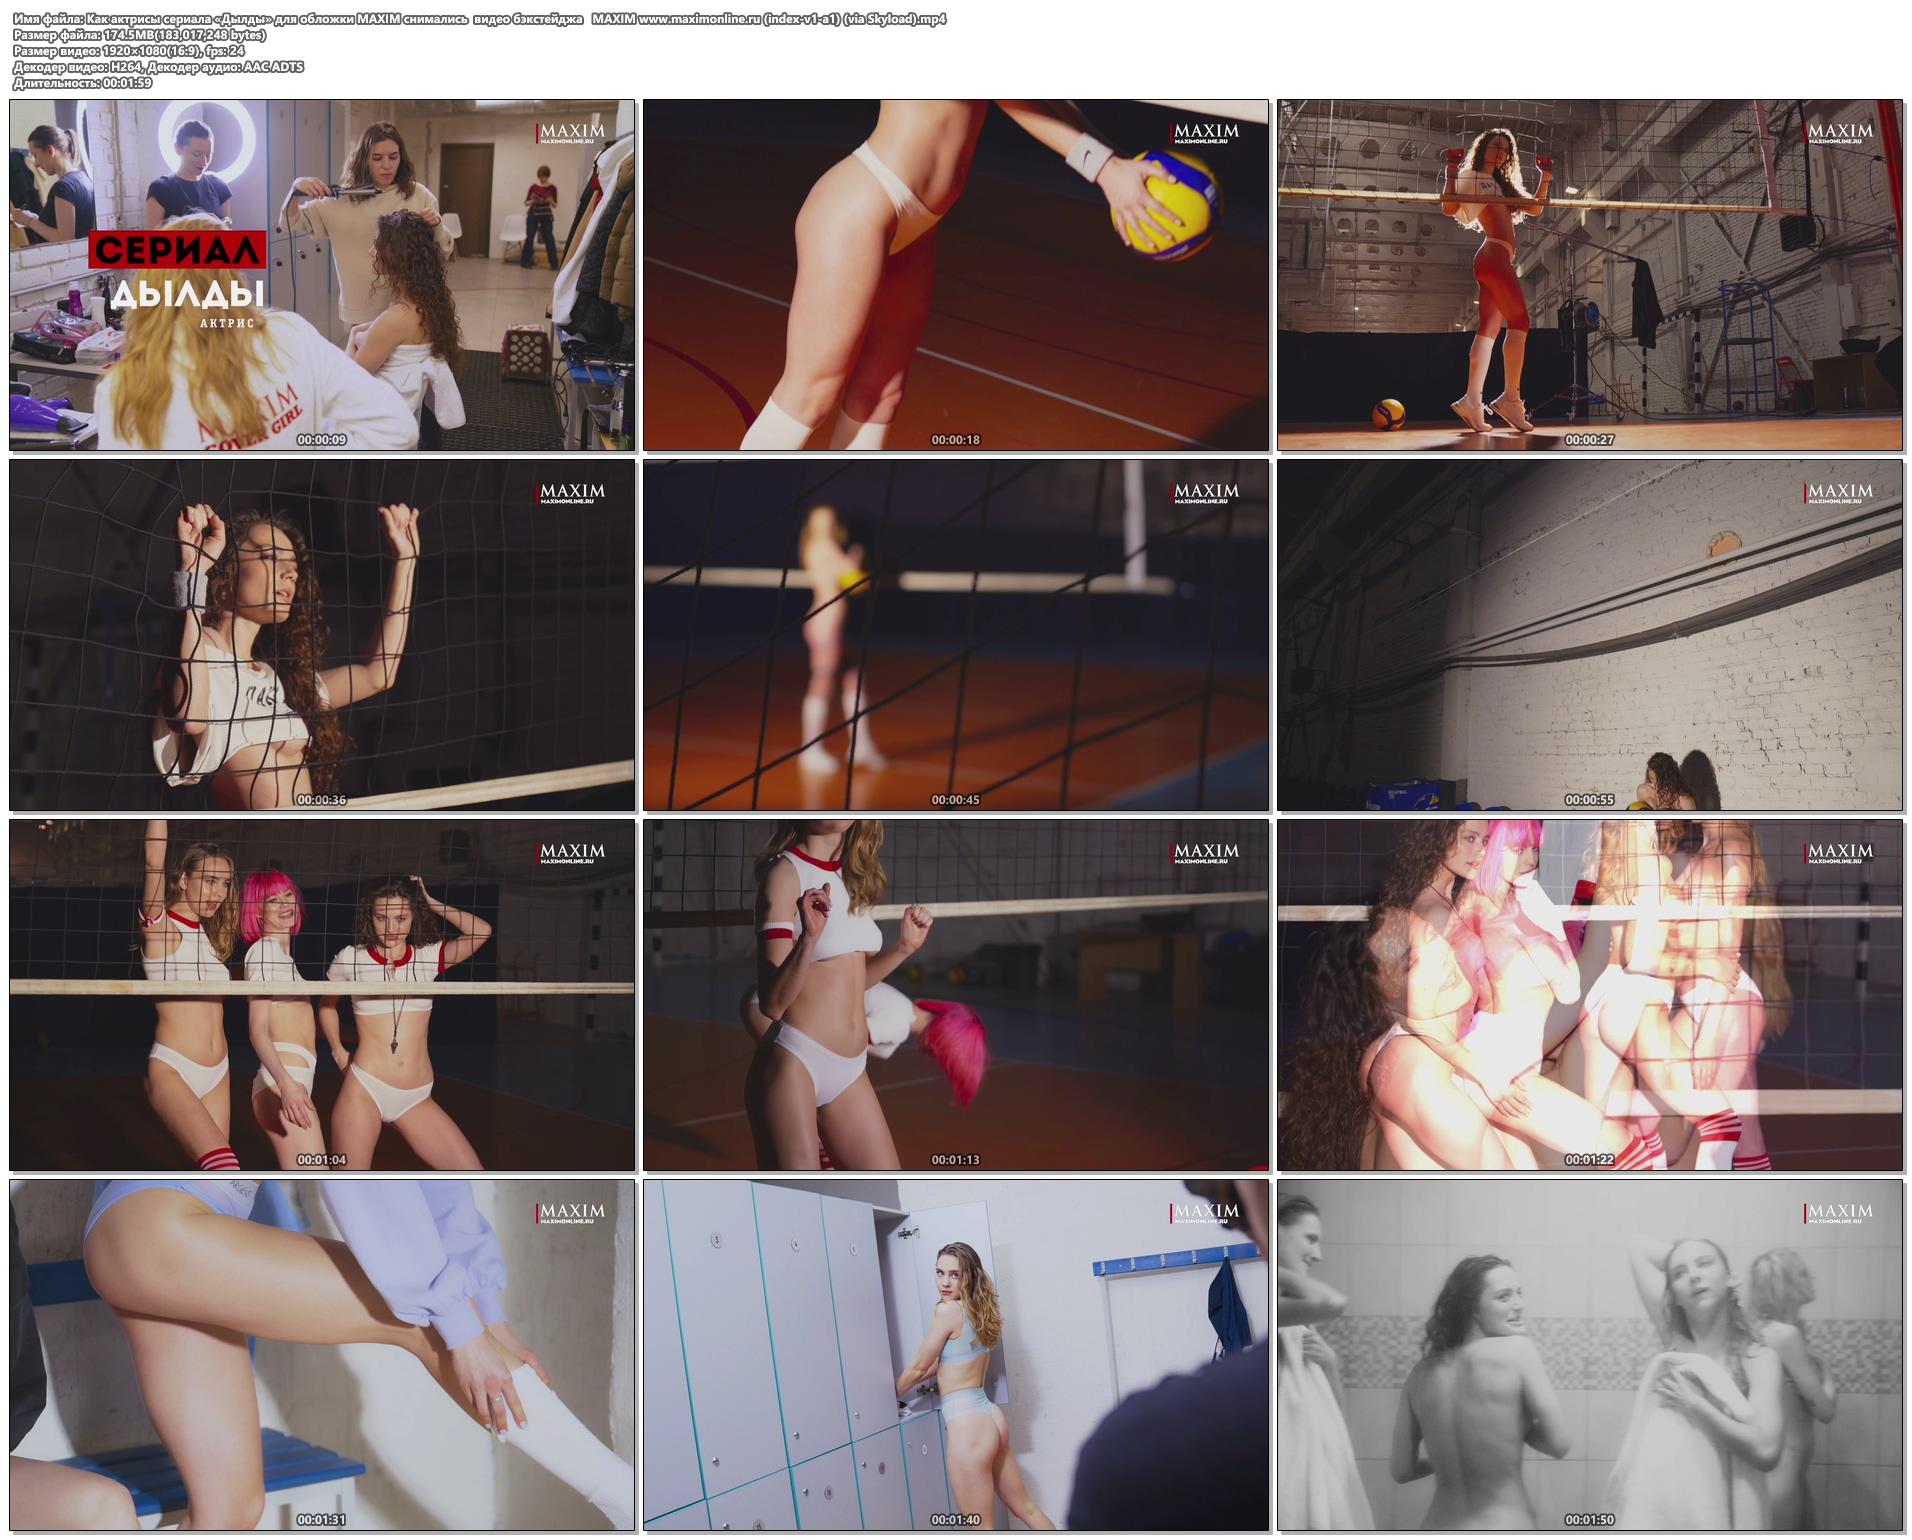 Как актрисы сериала «Дылды» для обложки MAXIM снимались  видео бэкстейджа   MAXIM www.maximonline.ru (index-v1-a1) (via Skyload).mp4.jpg